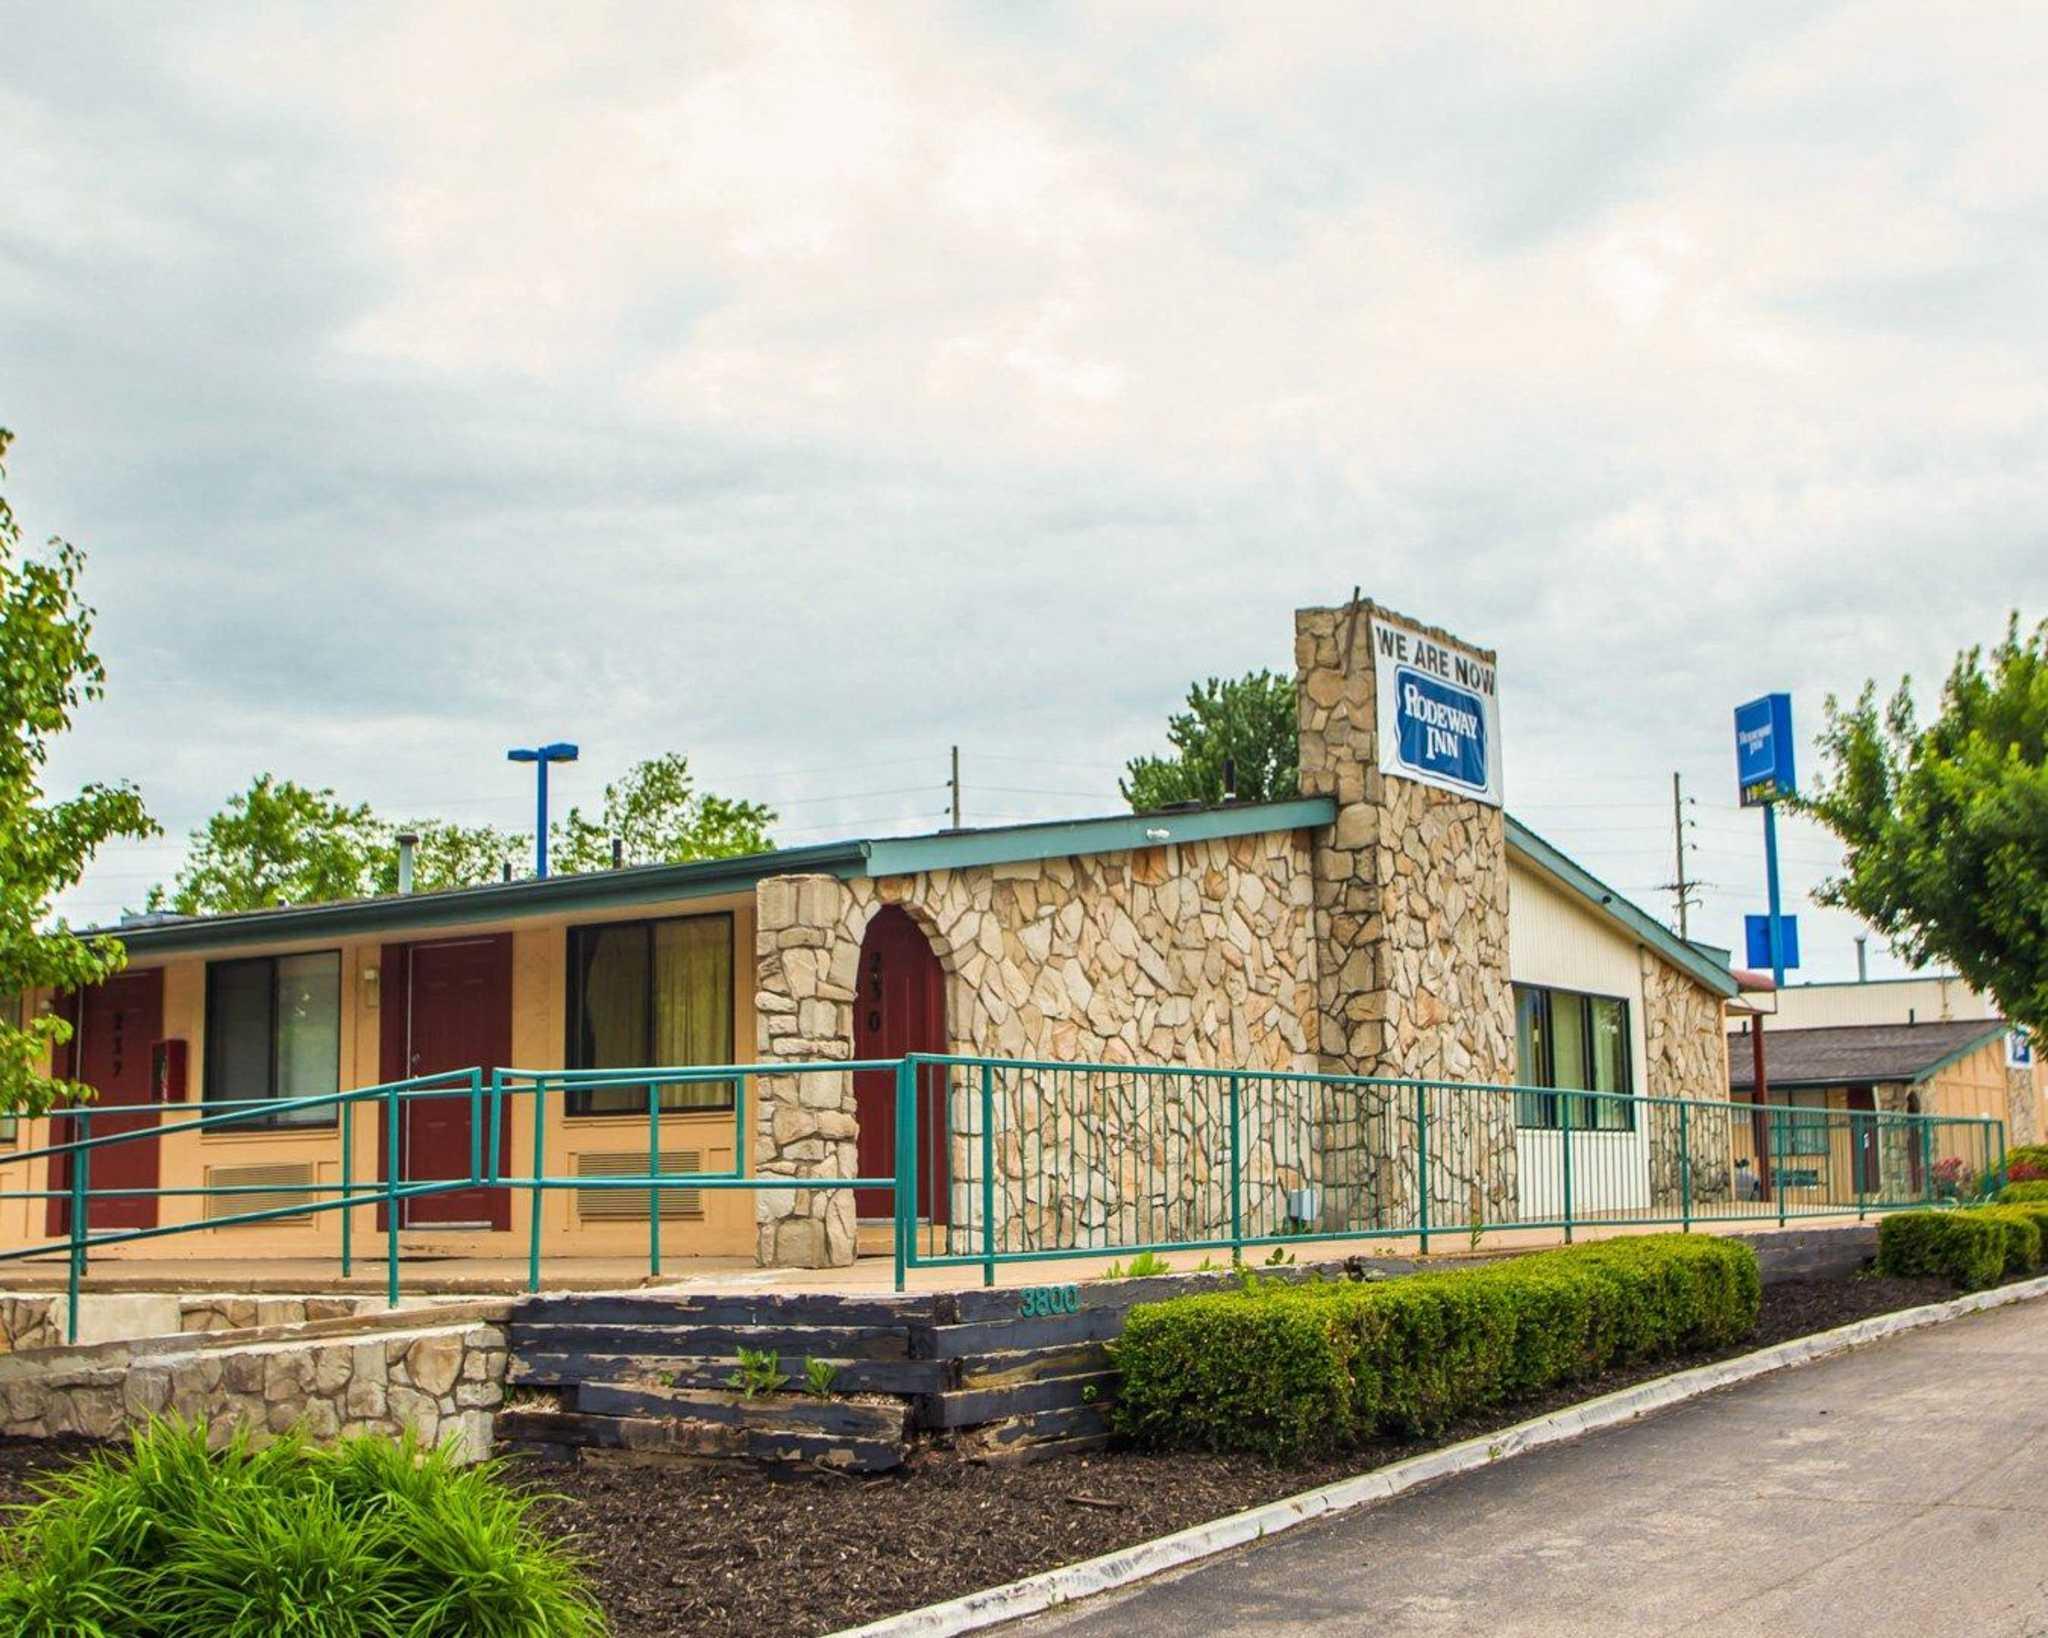 Rodeway Inn In Saint Charles Mo 63301 Chamberofcommerce Com